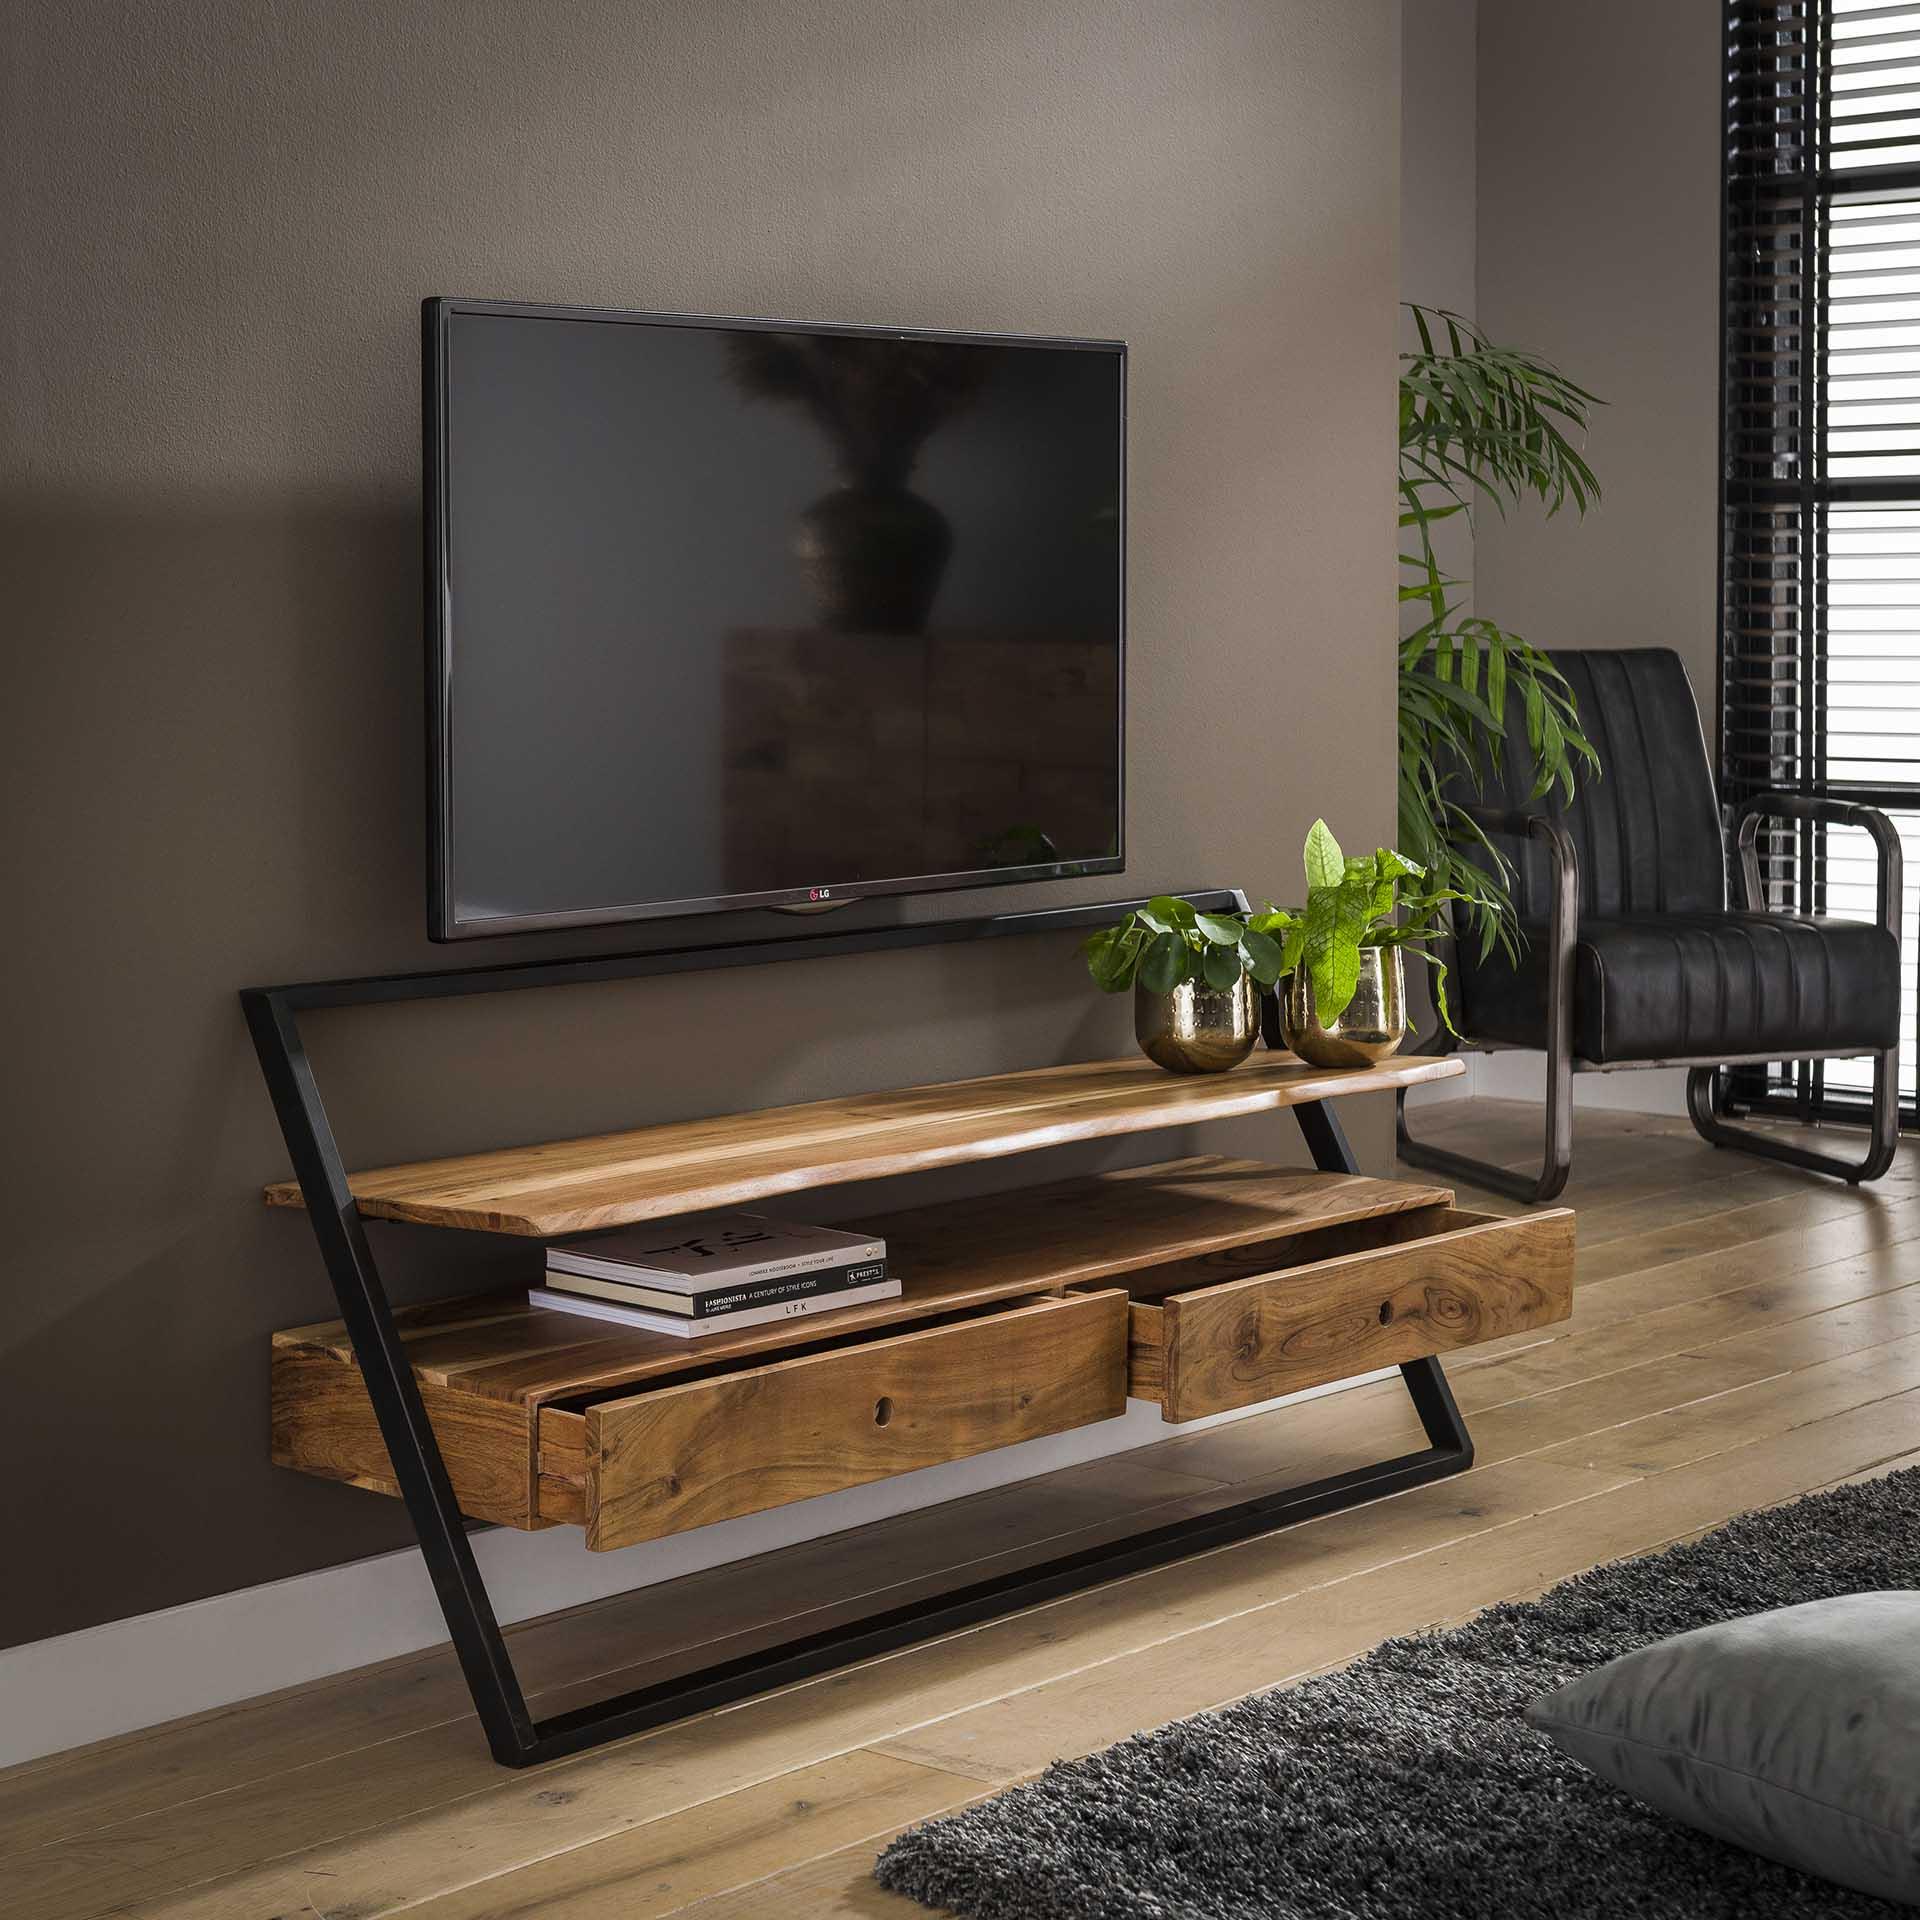 meuble tv mural en bois et metal melbourne